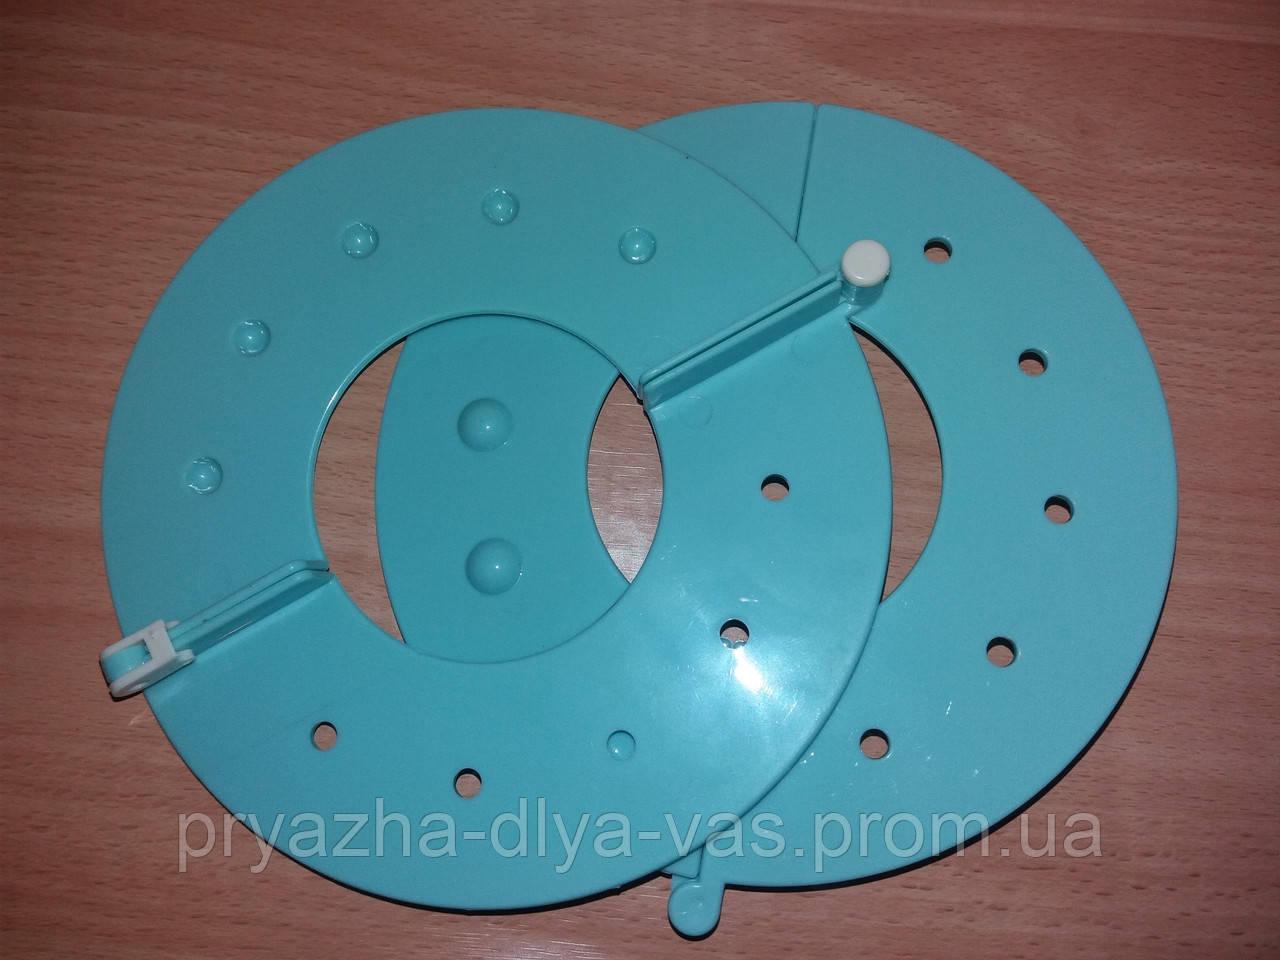 Приспособление для изготовления помпонов(8 см)